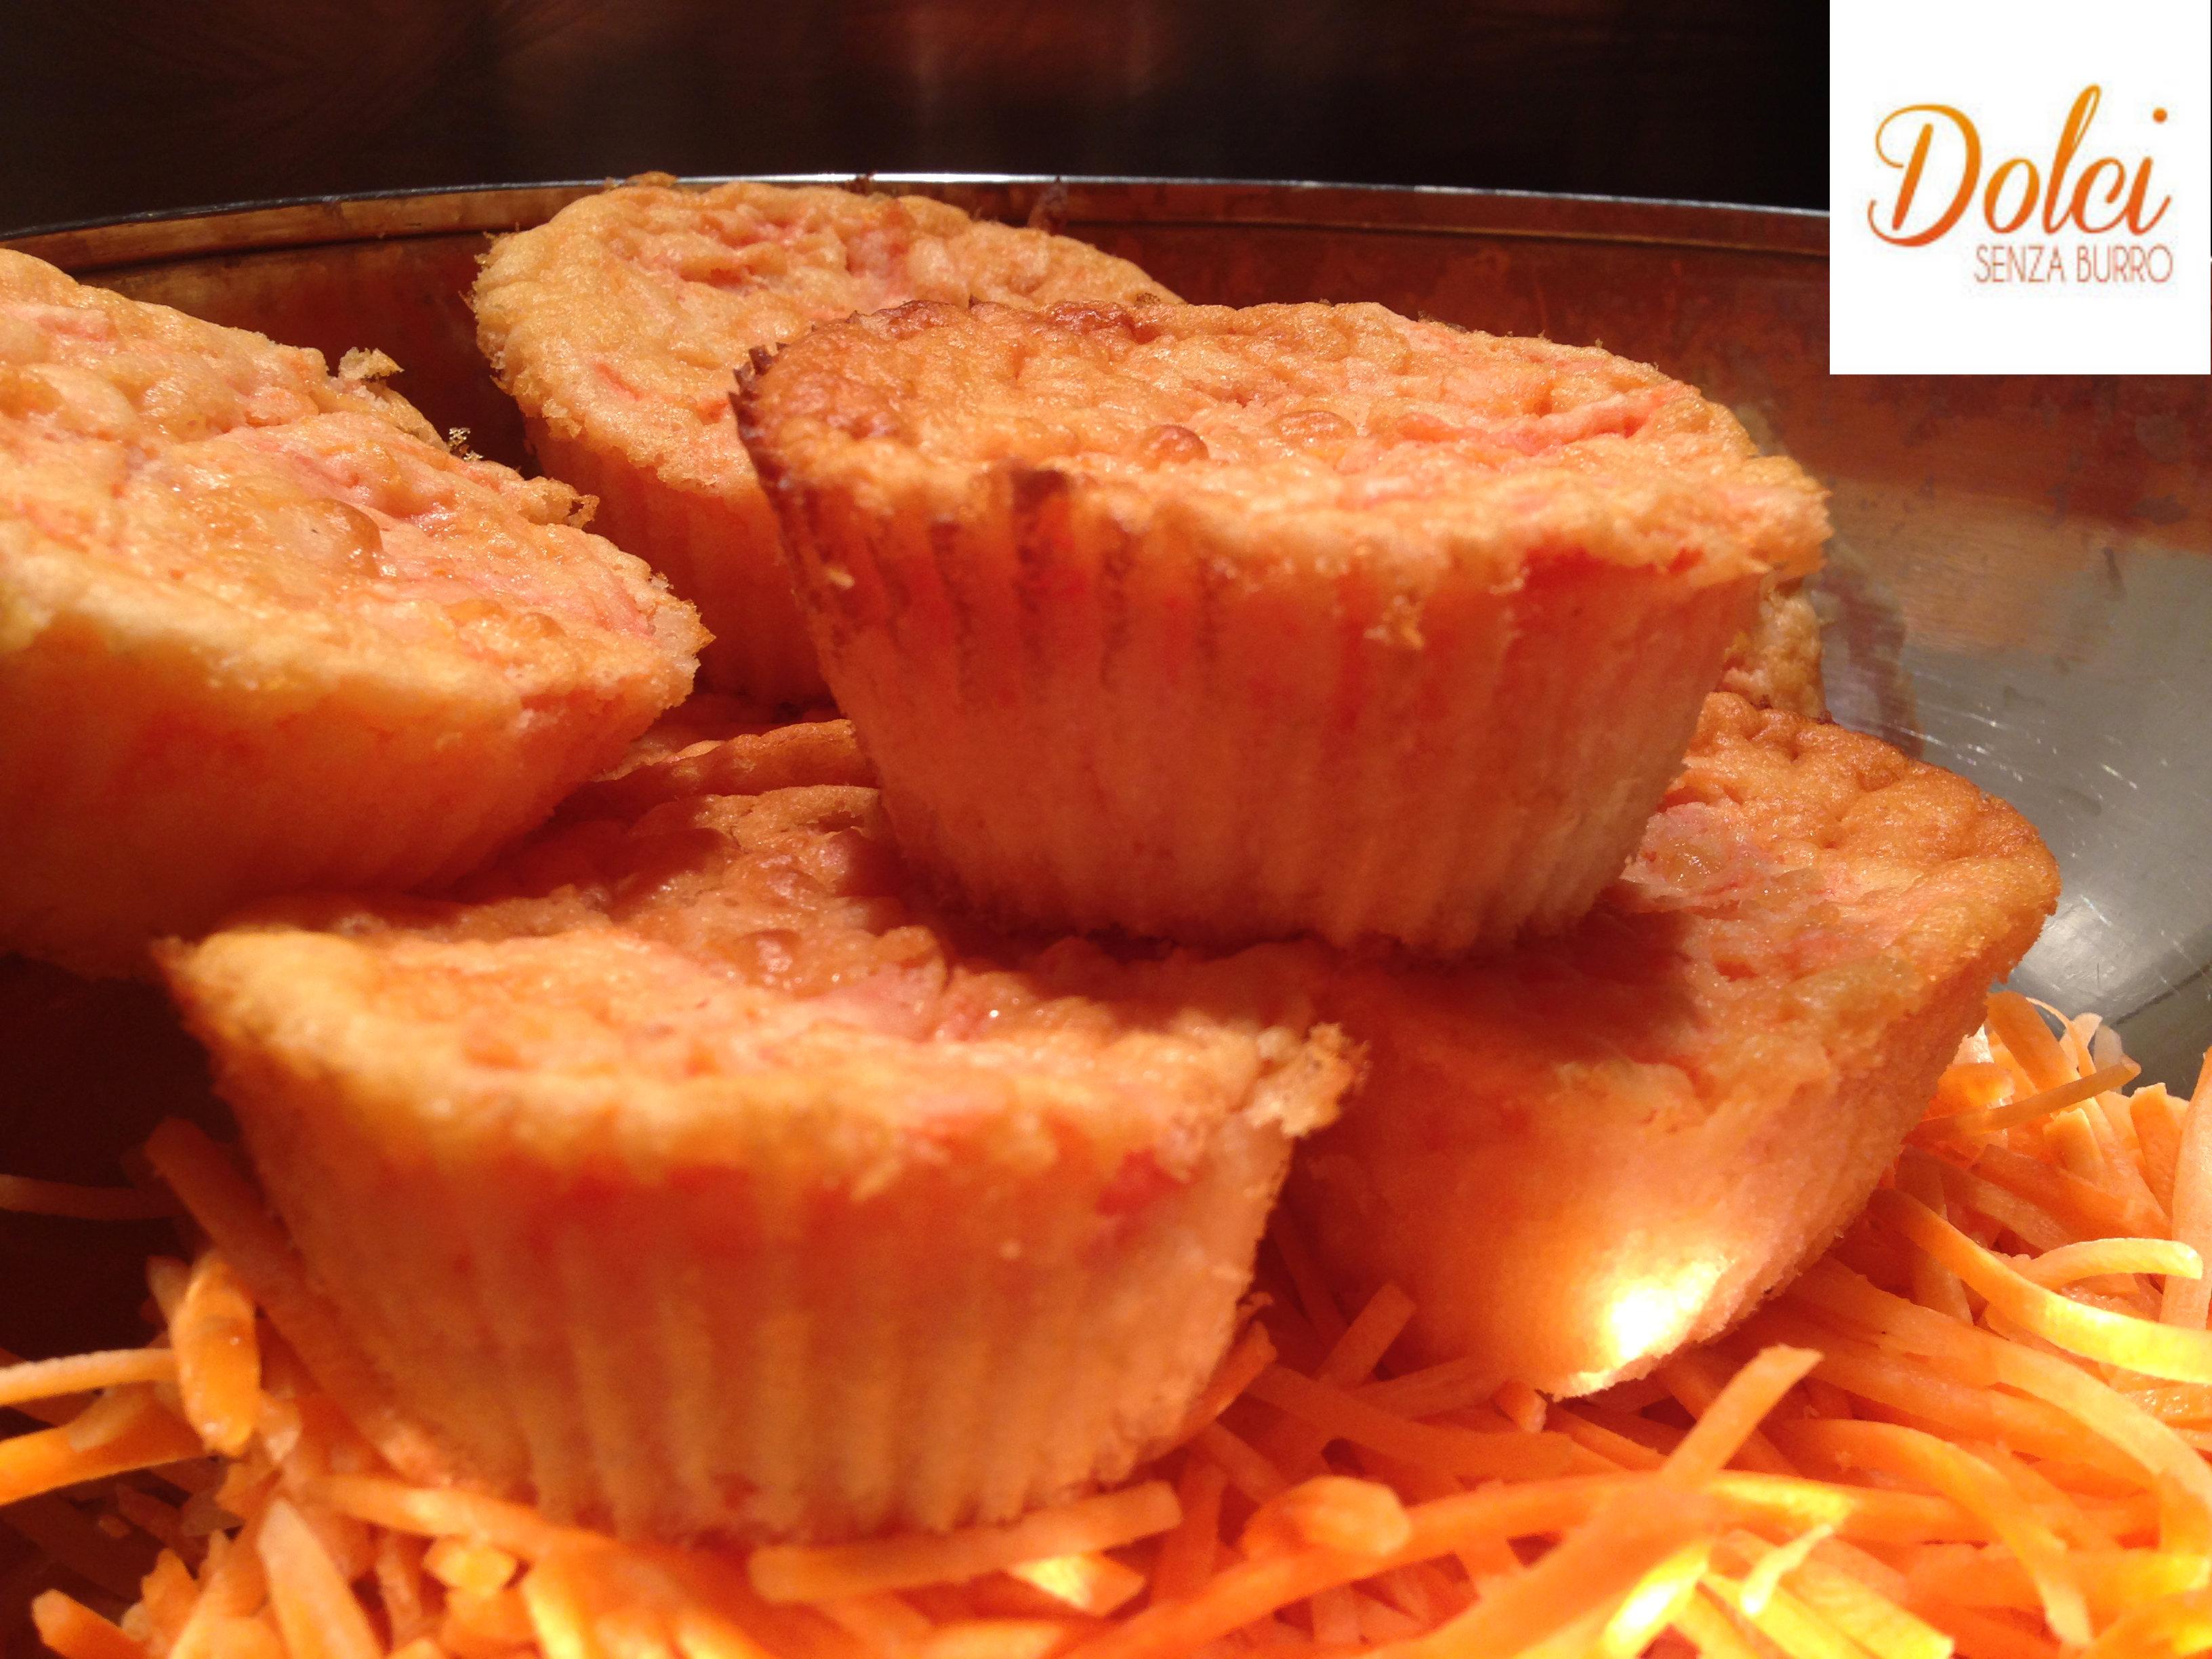 Muffin alle Carote Senza Burro, dolci senza glutine e lattosio di Dolci Senza Burro